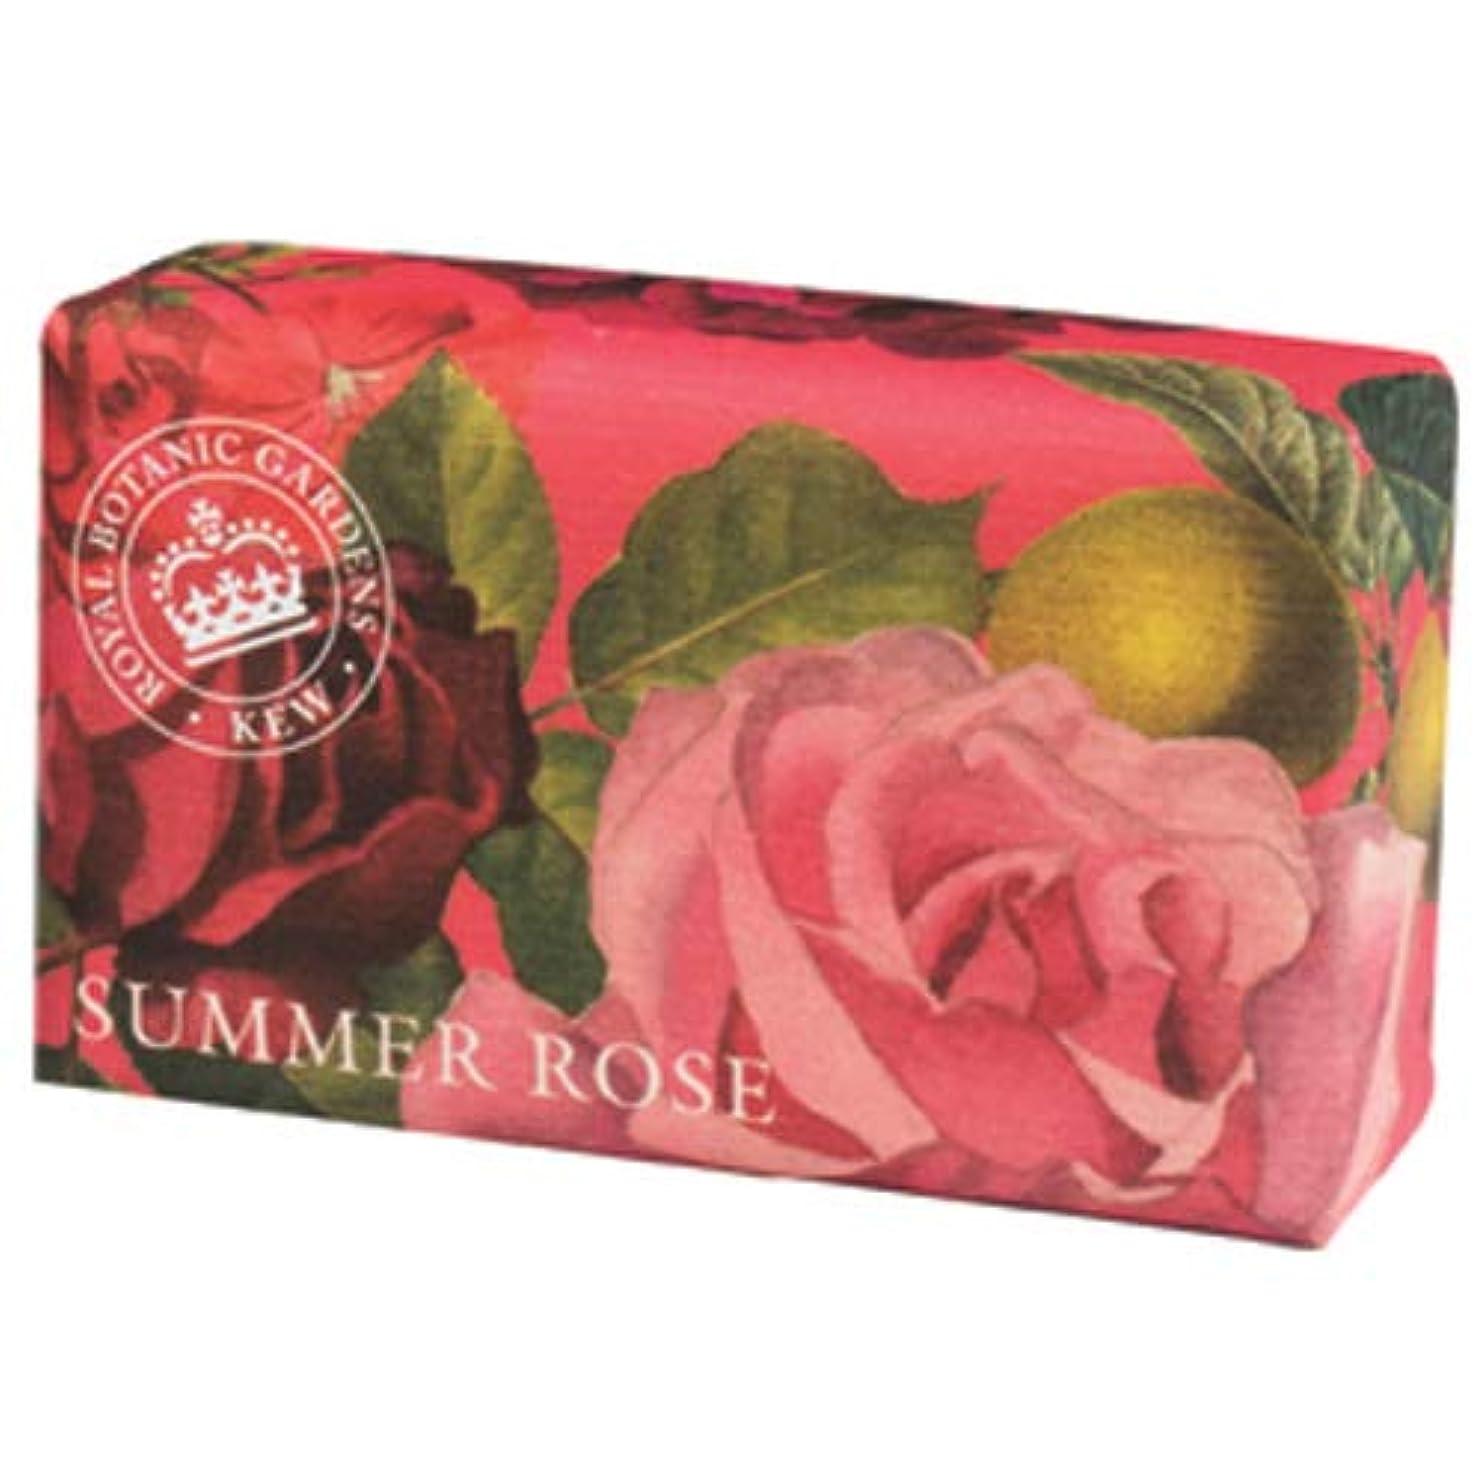 保全望みねばねば三和トレーディング English Soap Company イングリッシュソープカンパニー KEW GARDEN キュー?ガーデン Luxury Shea Soaps シアソープ Summer Rose サマーローズ